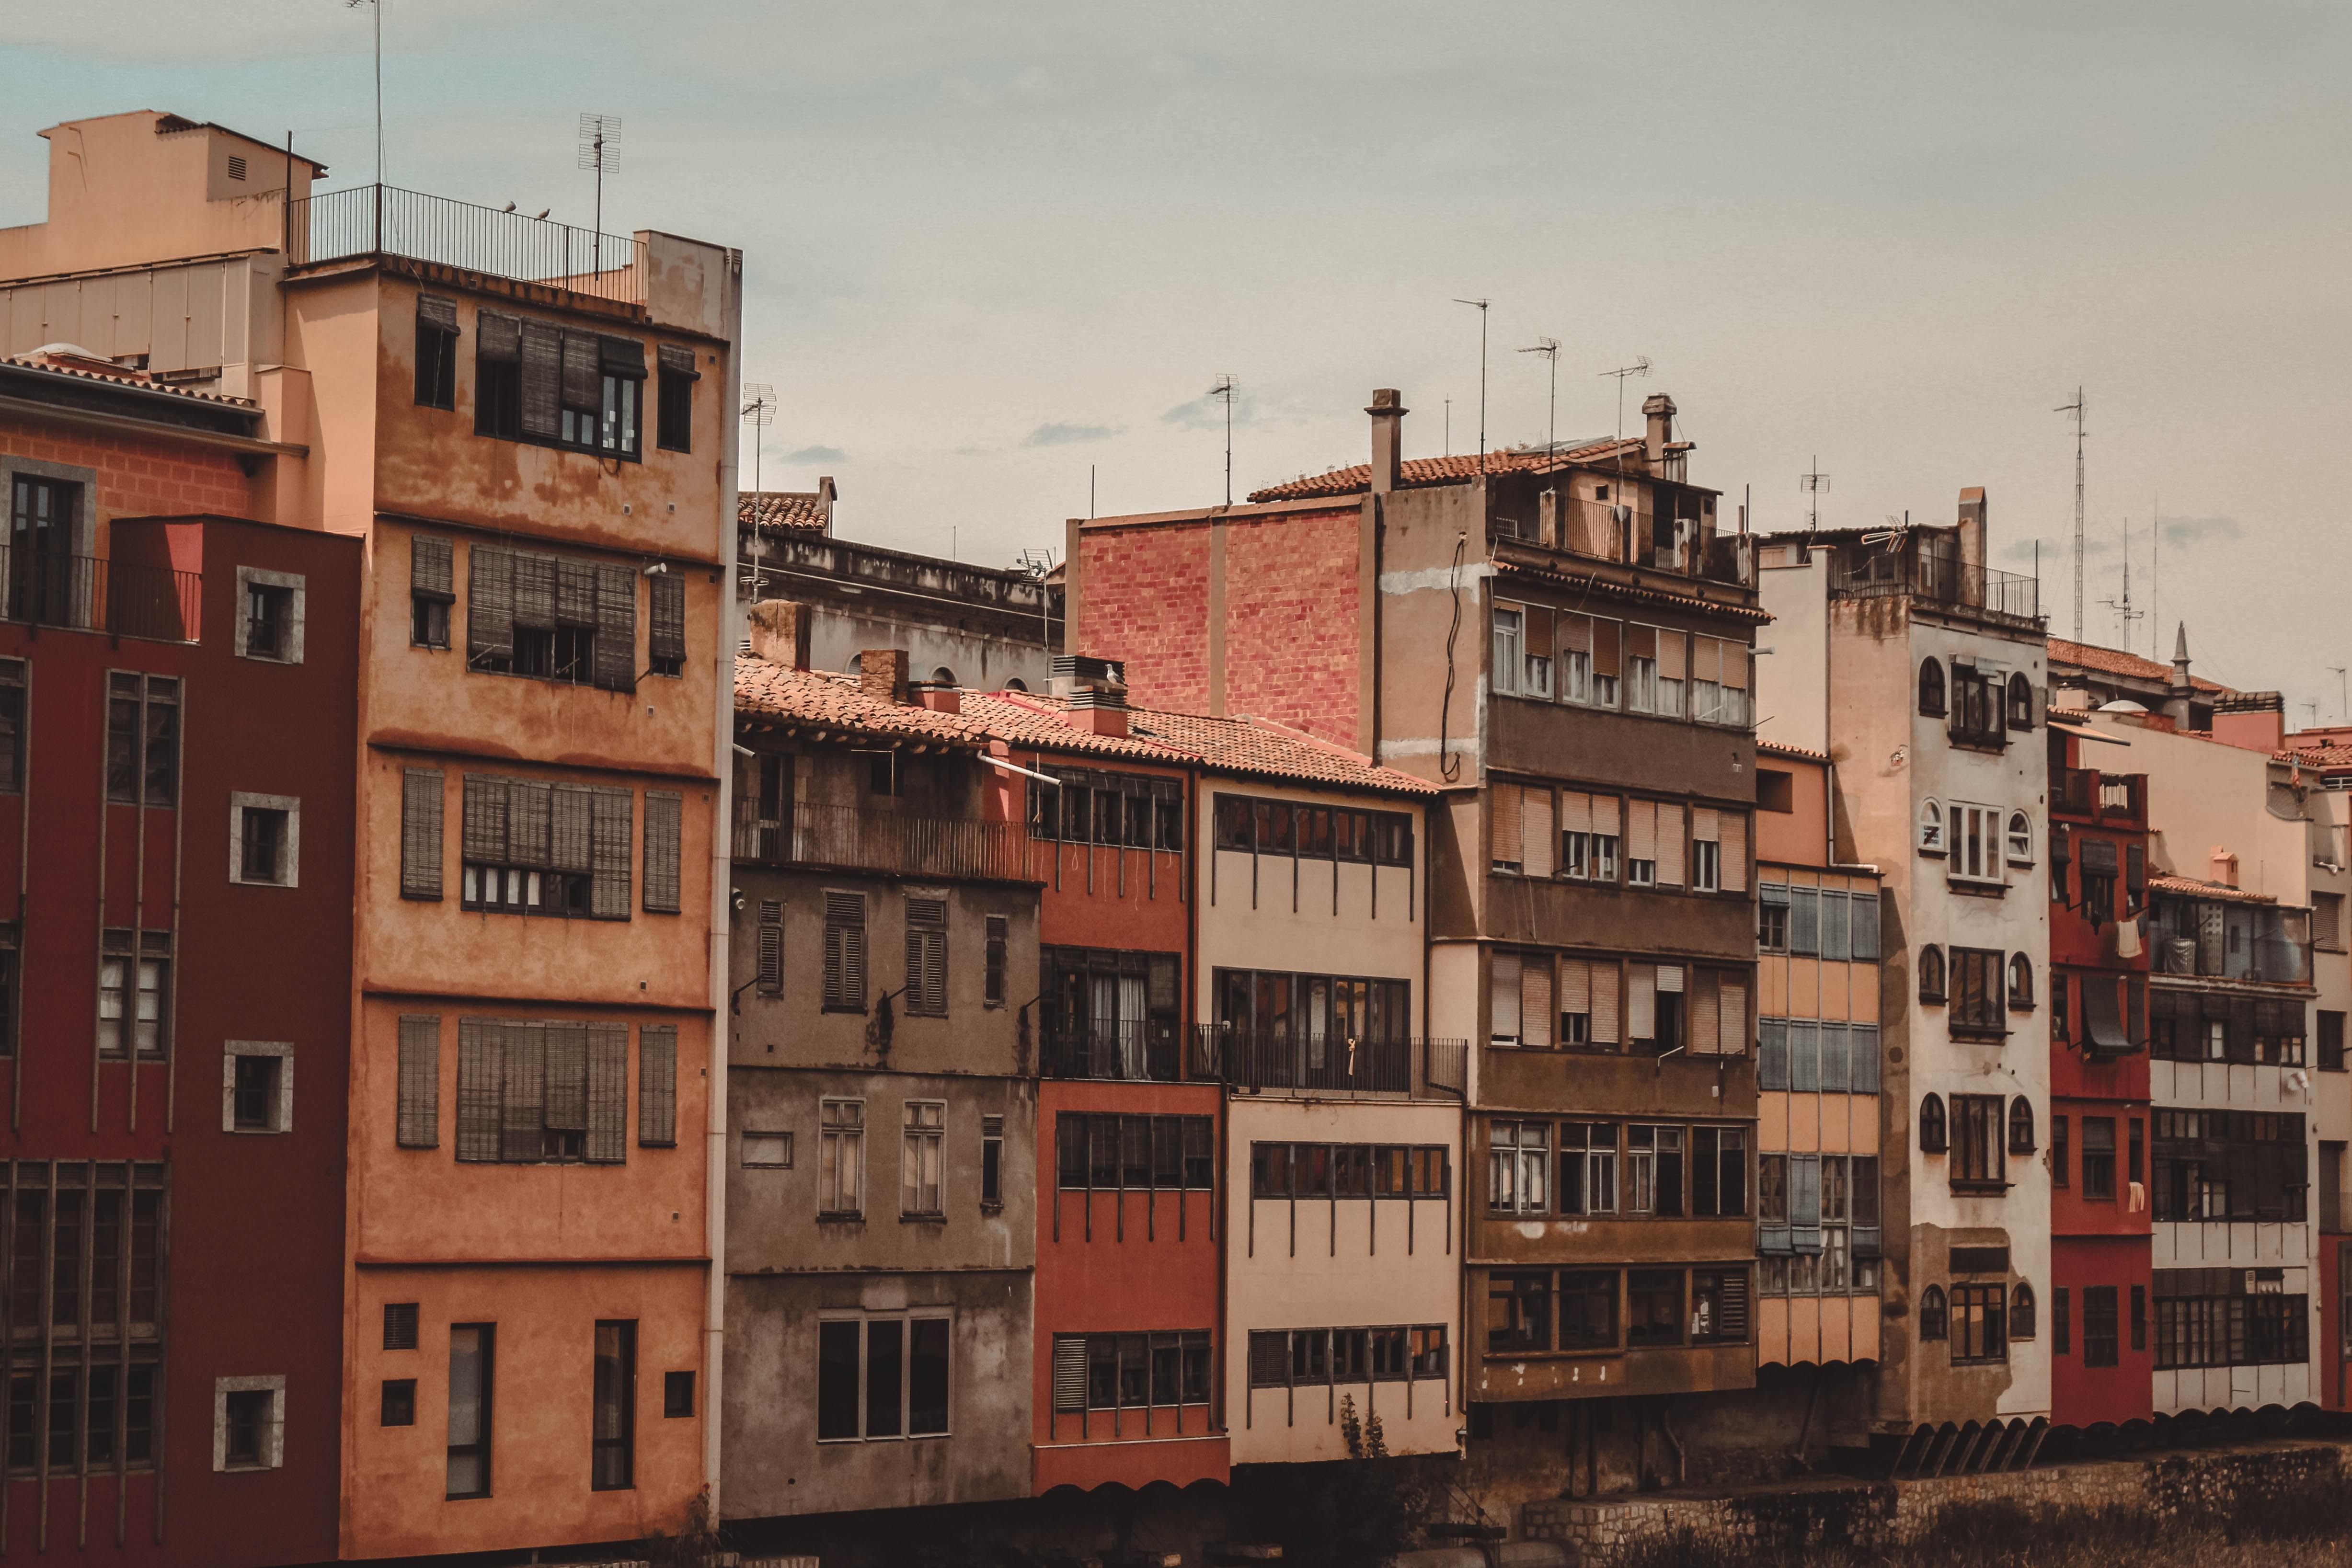 lined up concrete buildings